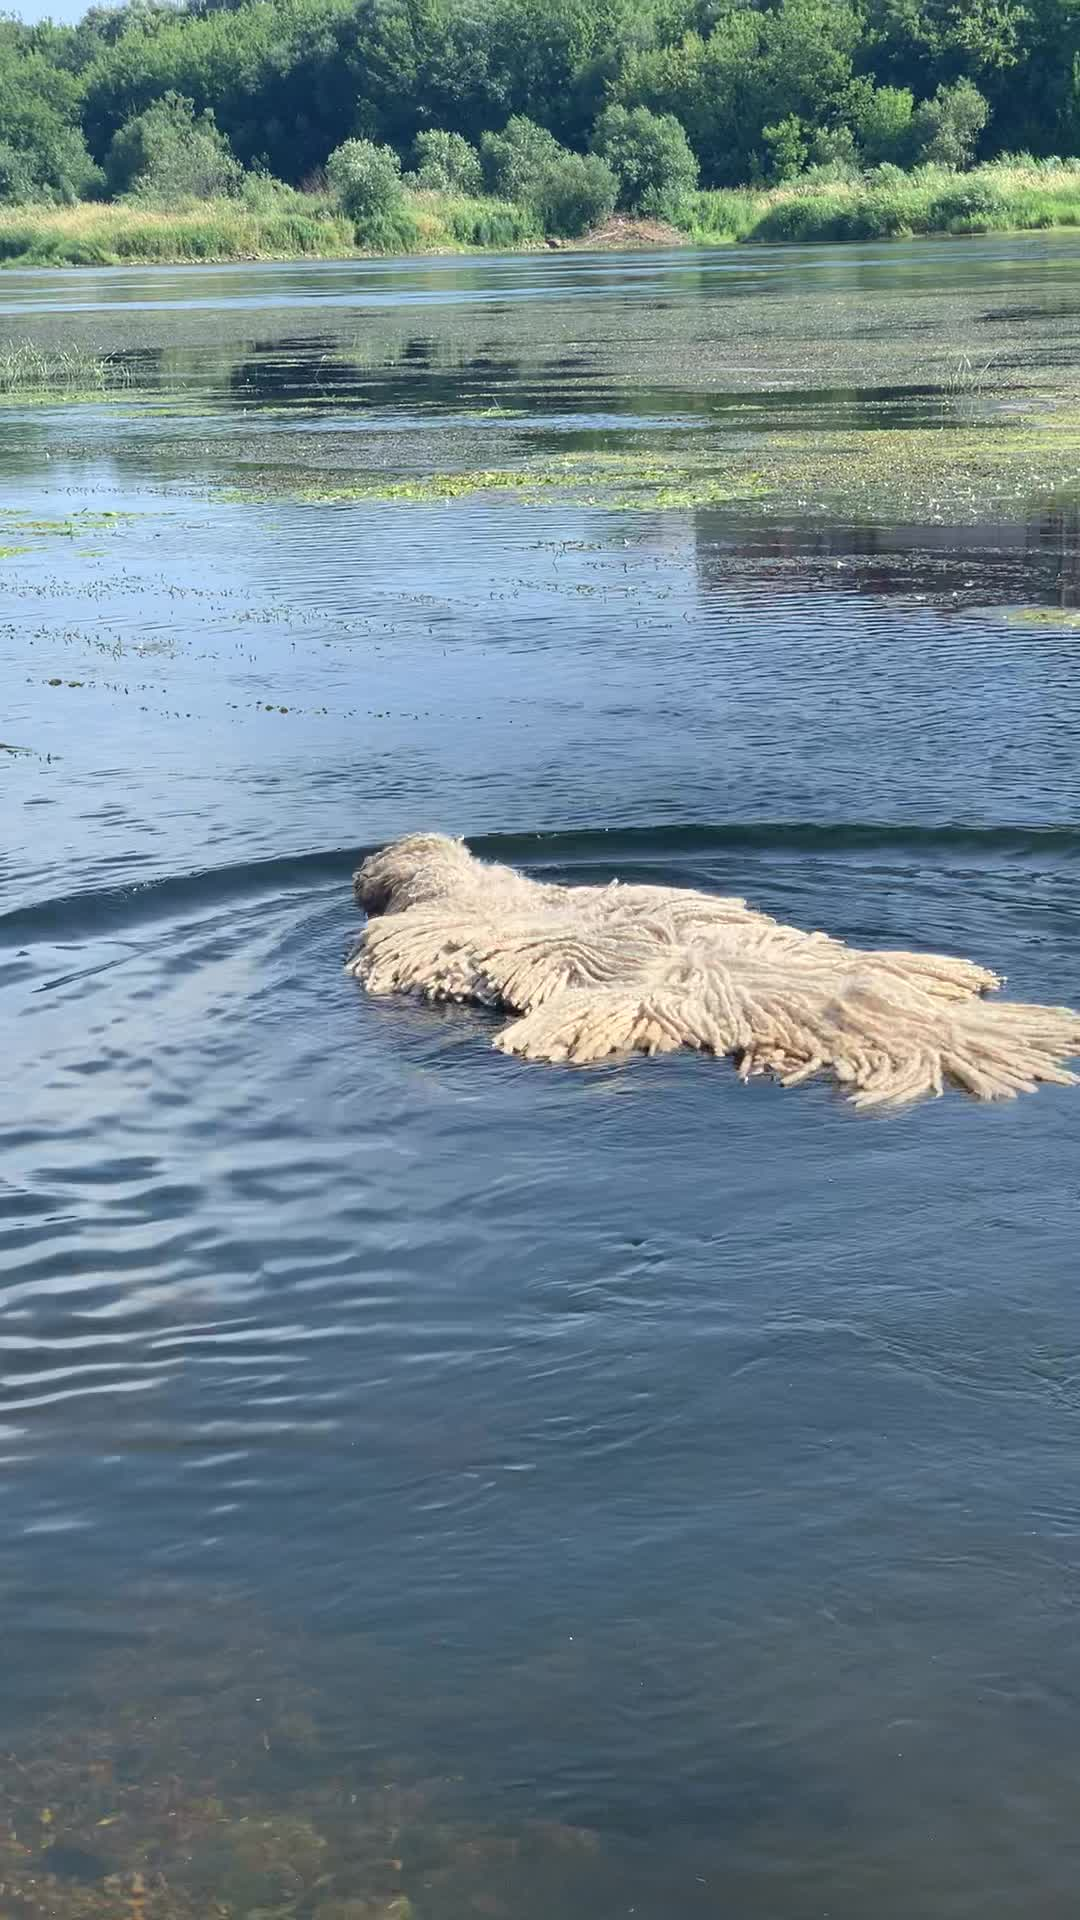 Tappeto nel lago: c'è un cane